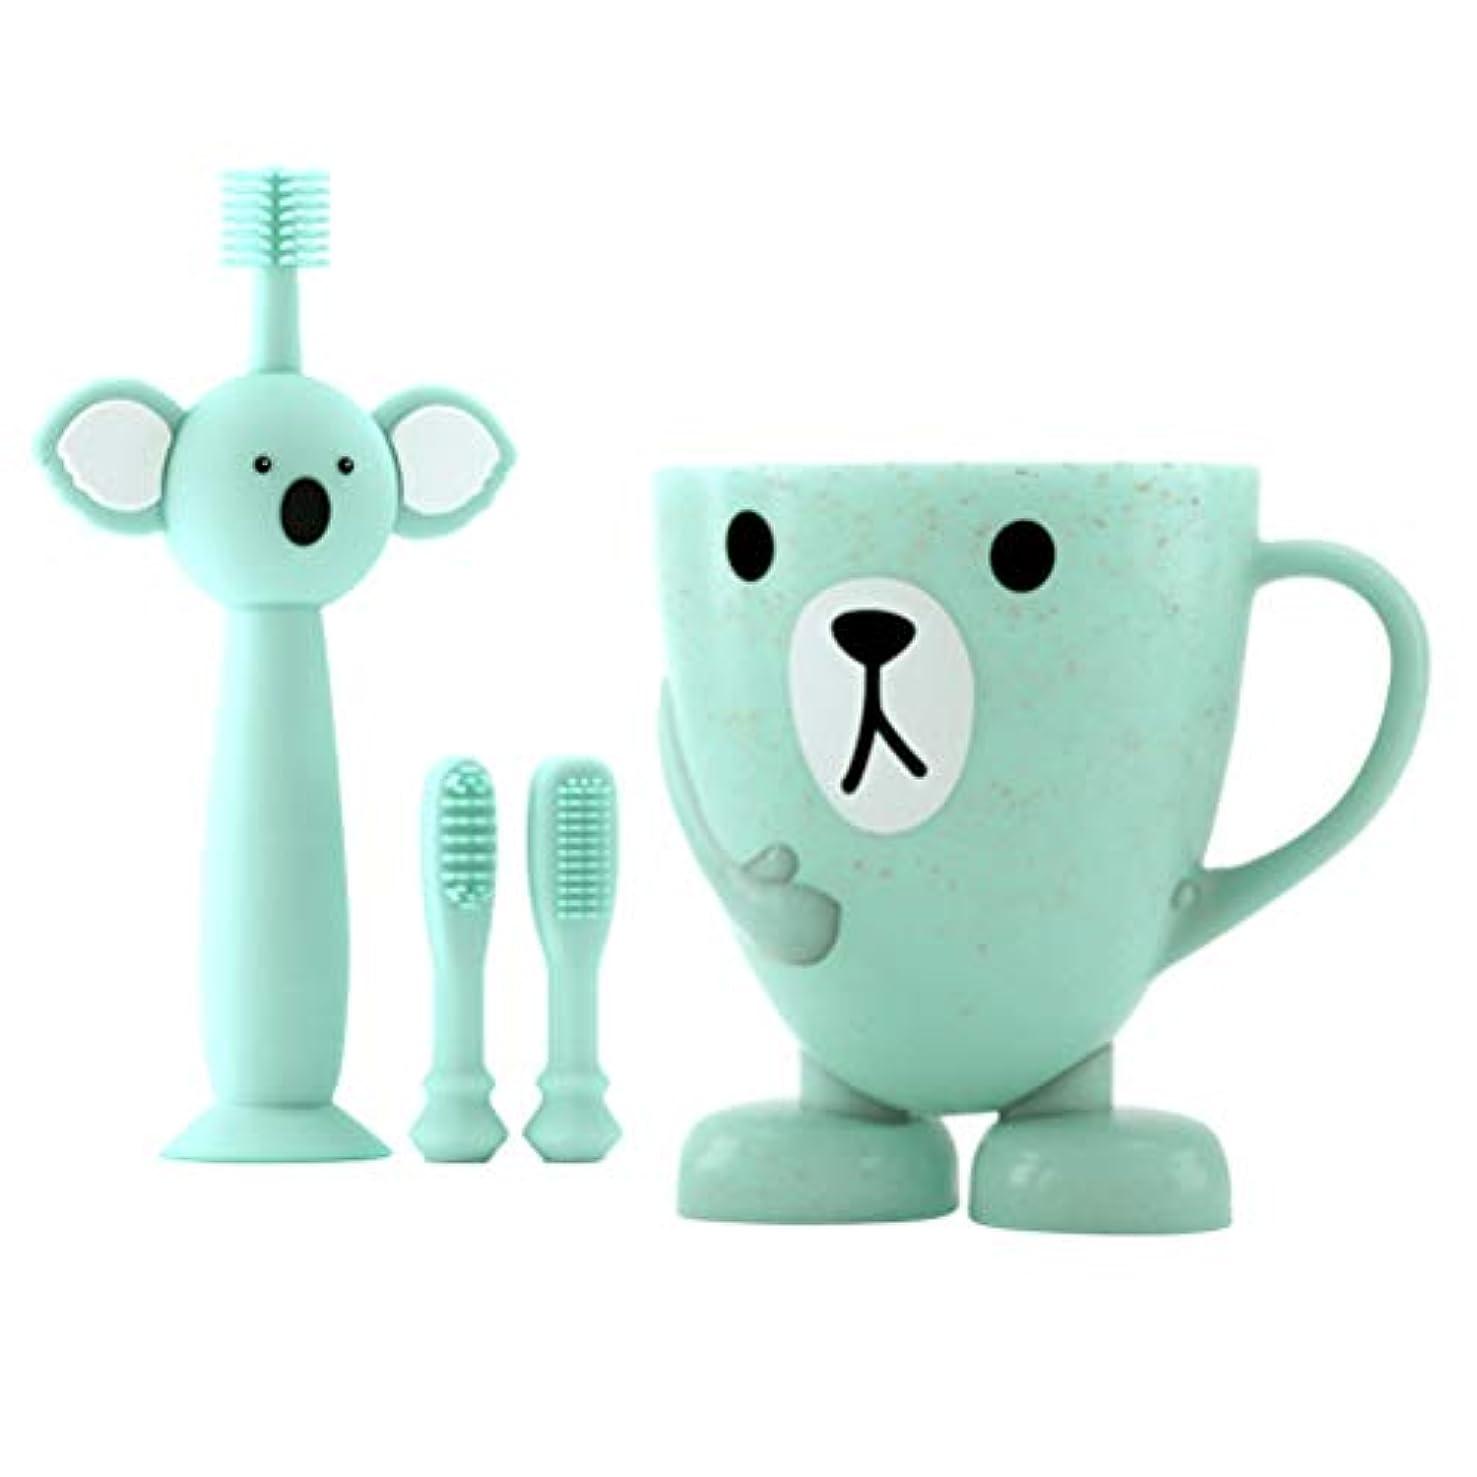 分割そっと過度のTOYANDONA 赤ちゃんの歯のクリーニングセット幼児シリコン歯ブラシ2個付き交換用ブラシヘ??ッドカップ4個